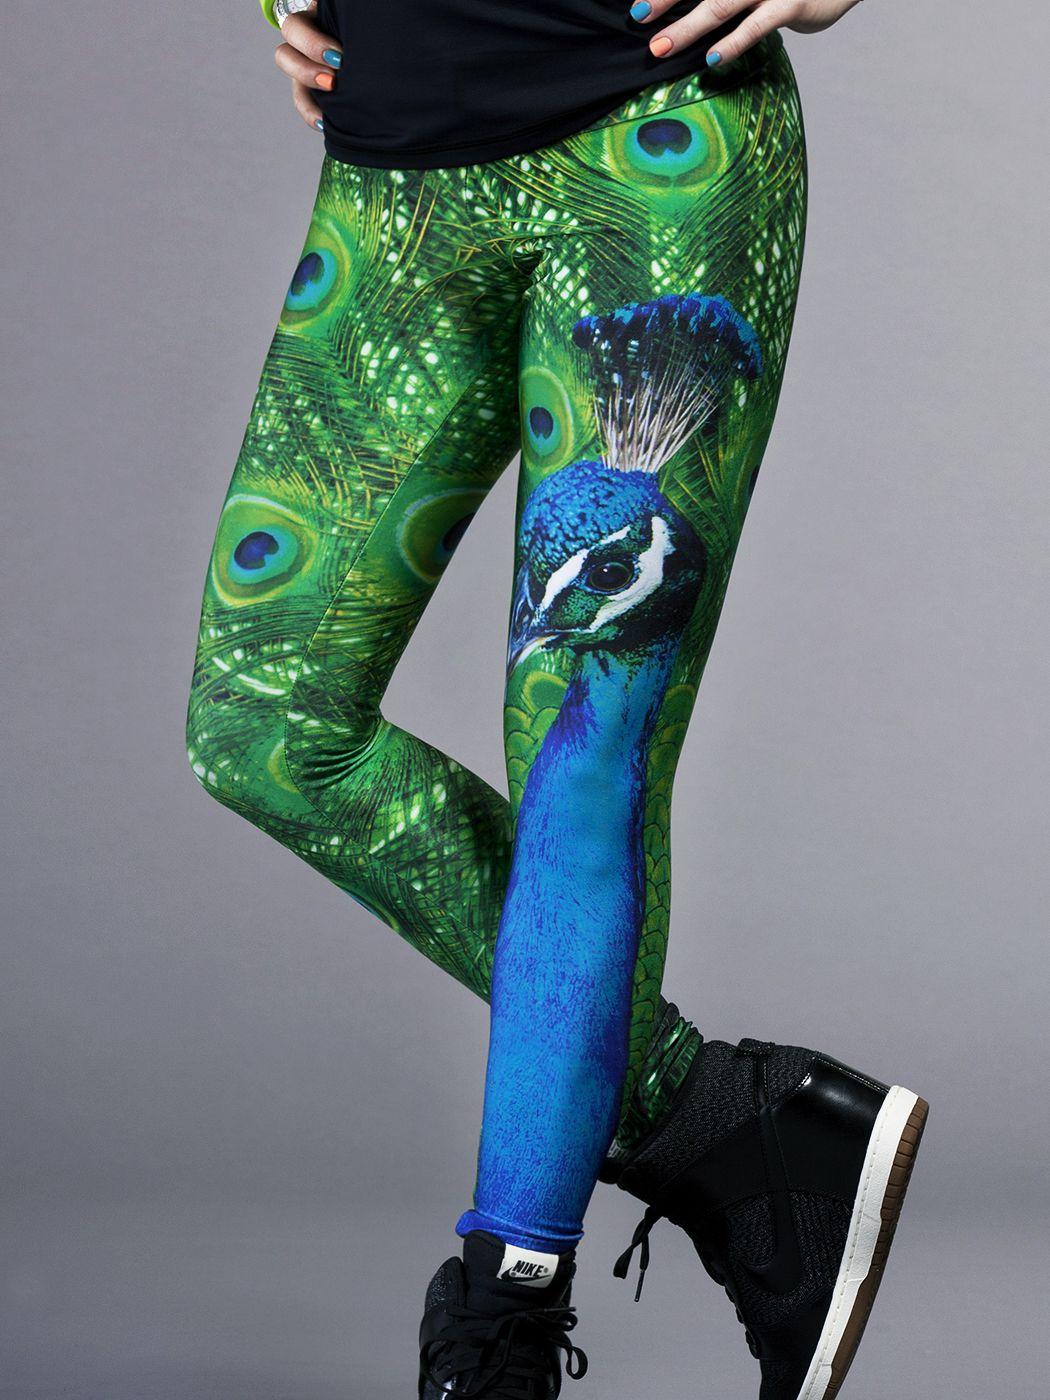 557da306d380f3 High Waisted Takara Legging   Get Your Fitness On   Leggings ...